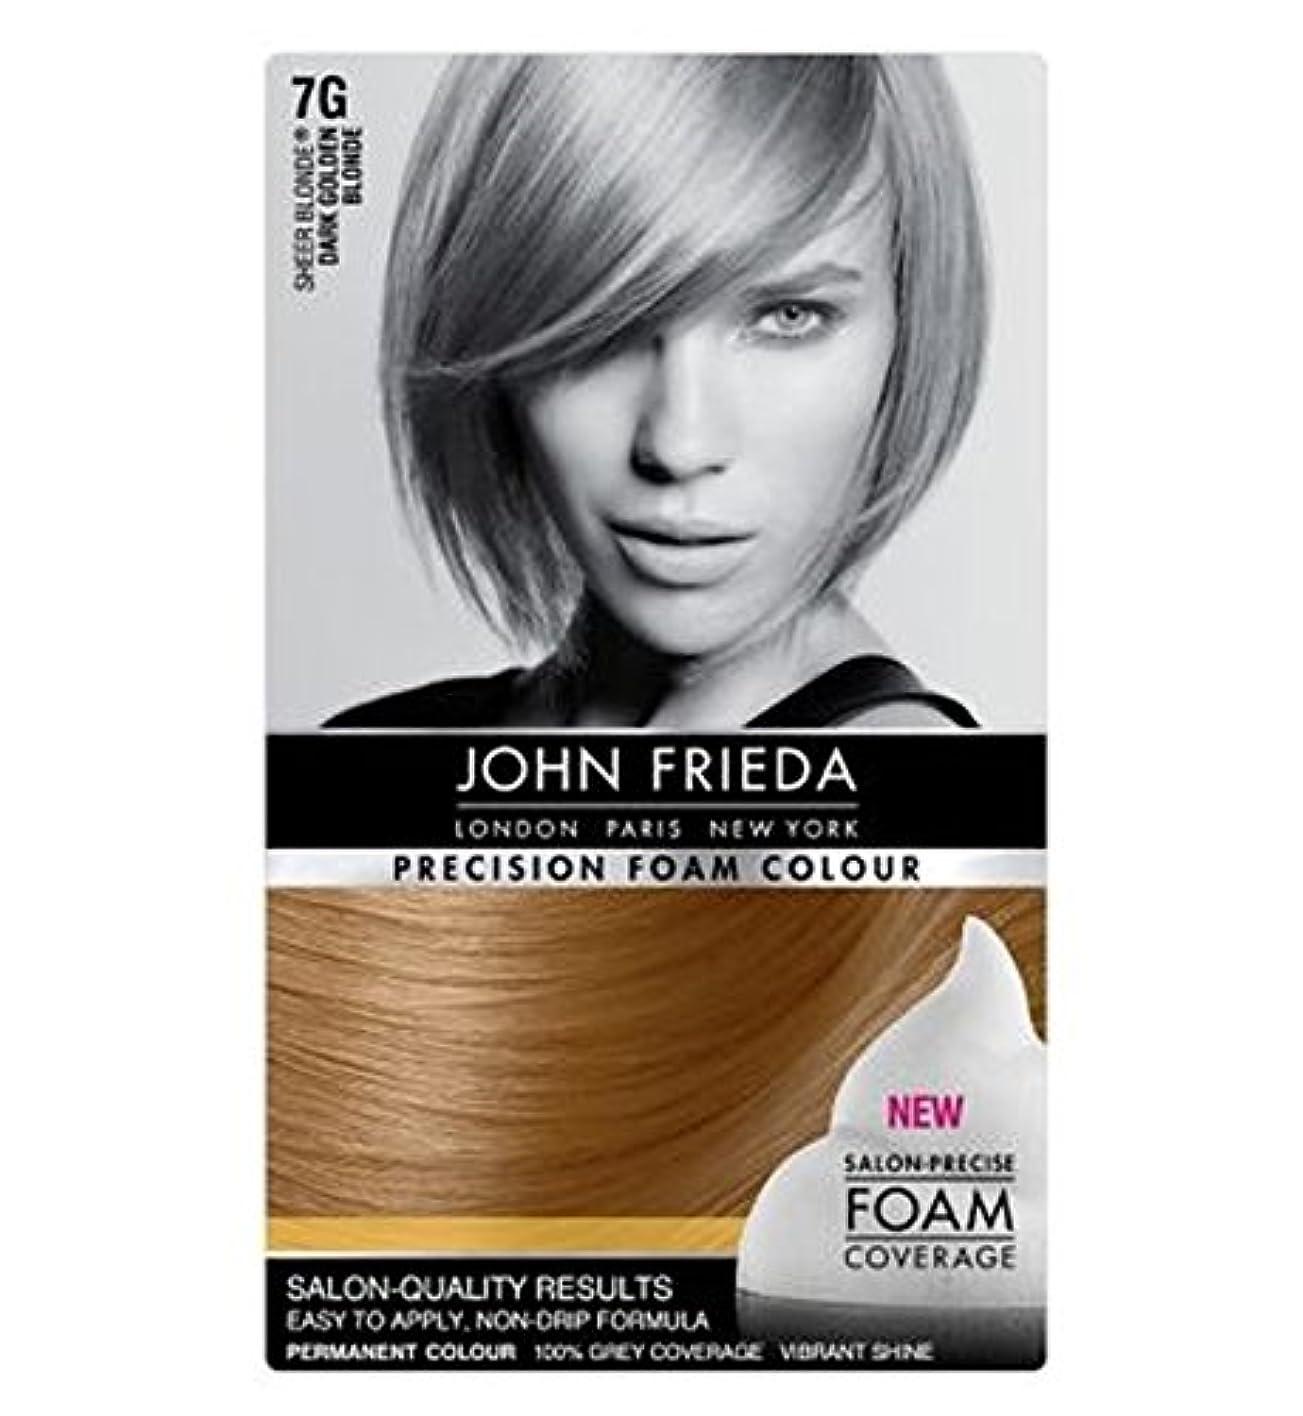 針定常付録John Frieda Precision Foam Colour 7G Dark Golden Blonde - ジョン?フリーダ精密泡カラー7グラムダークゴールデンブロンド (John Frieda) [並行輸入品]